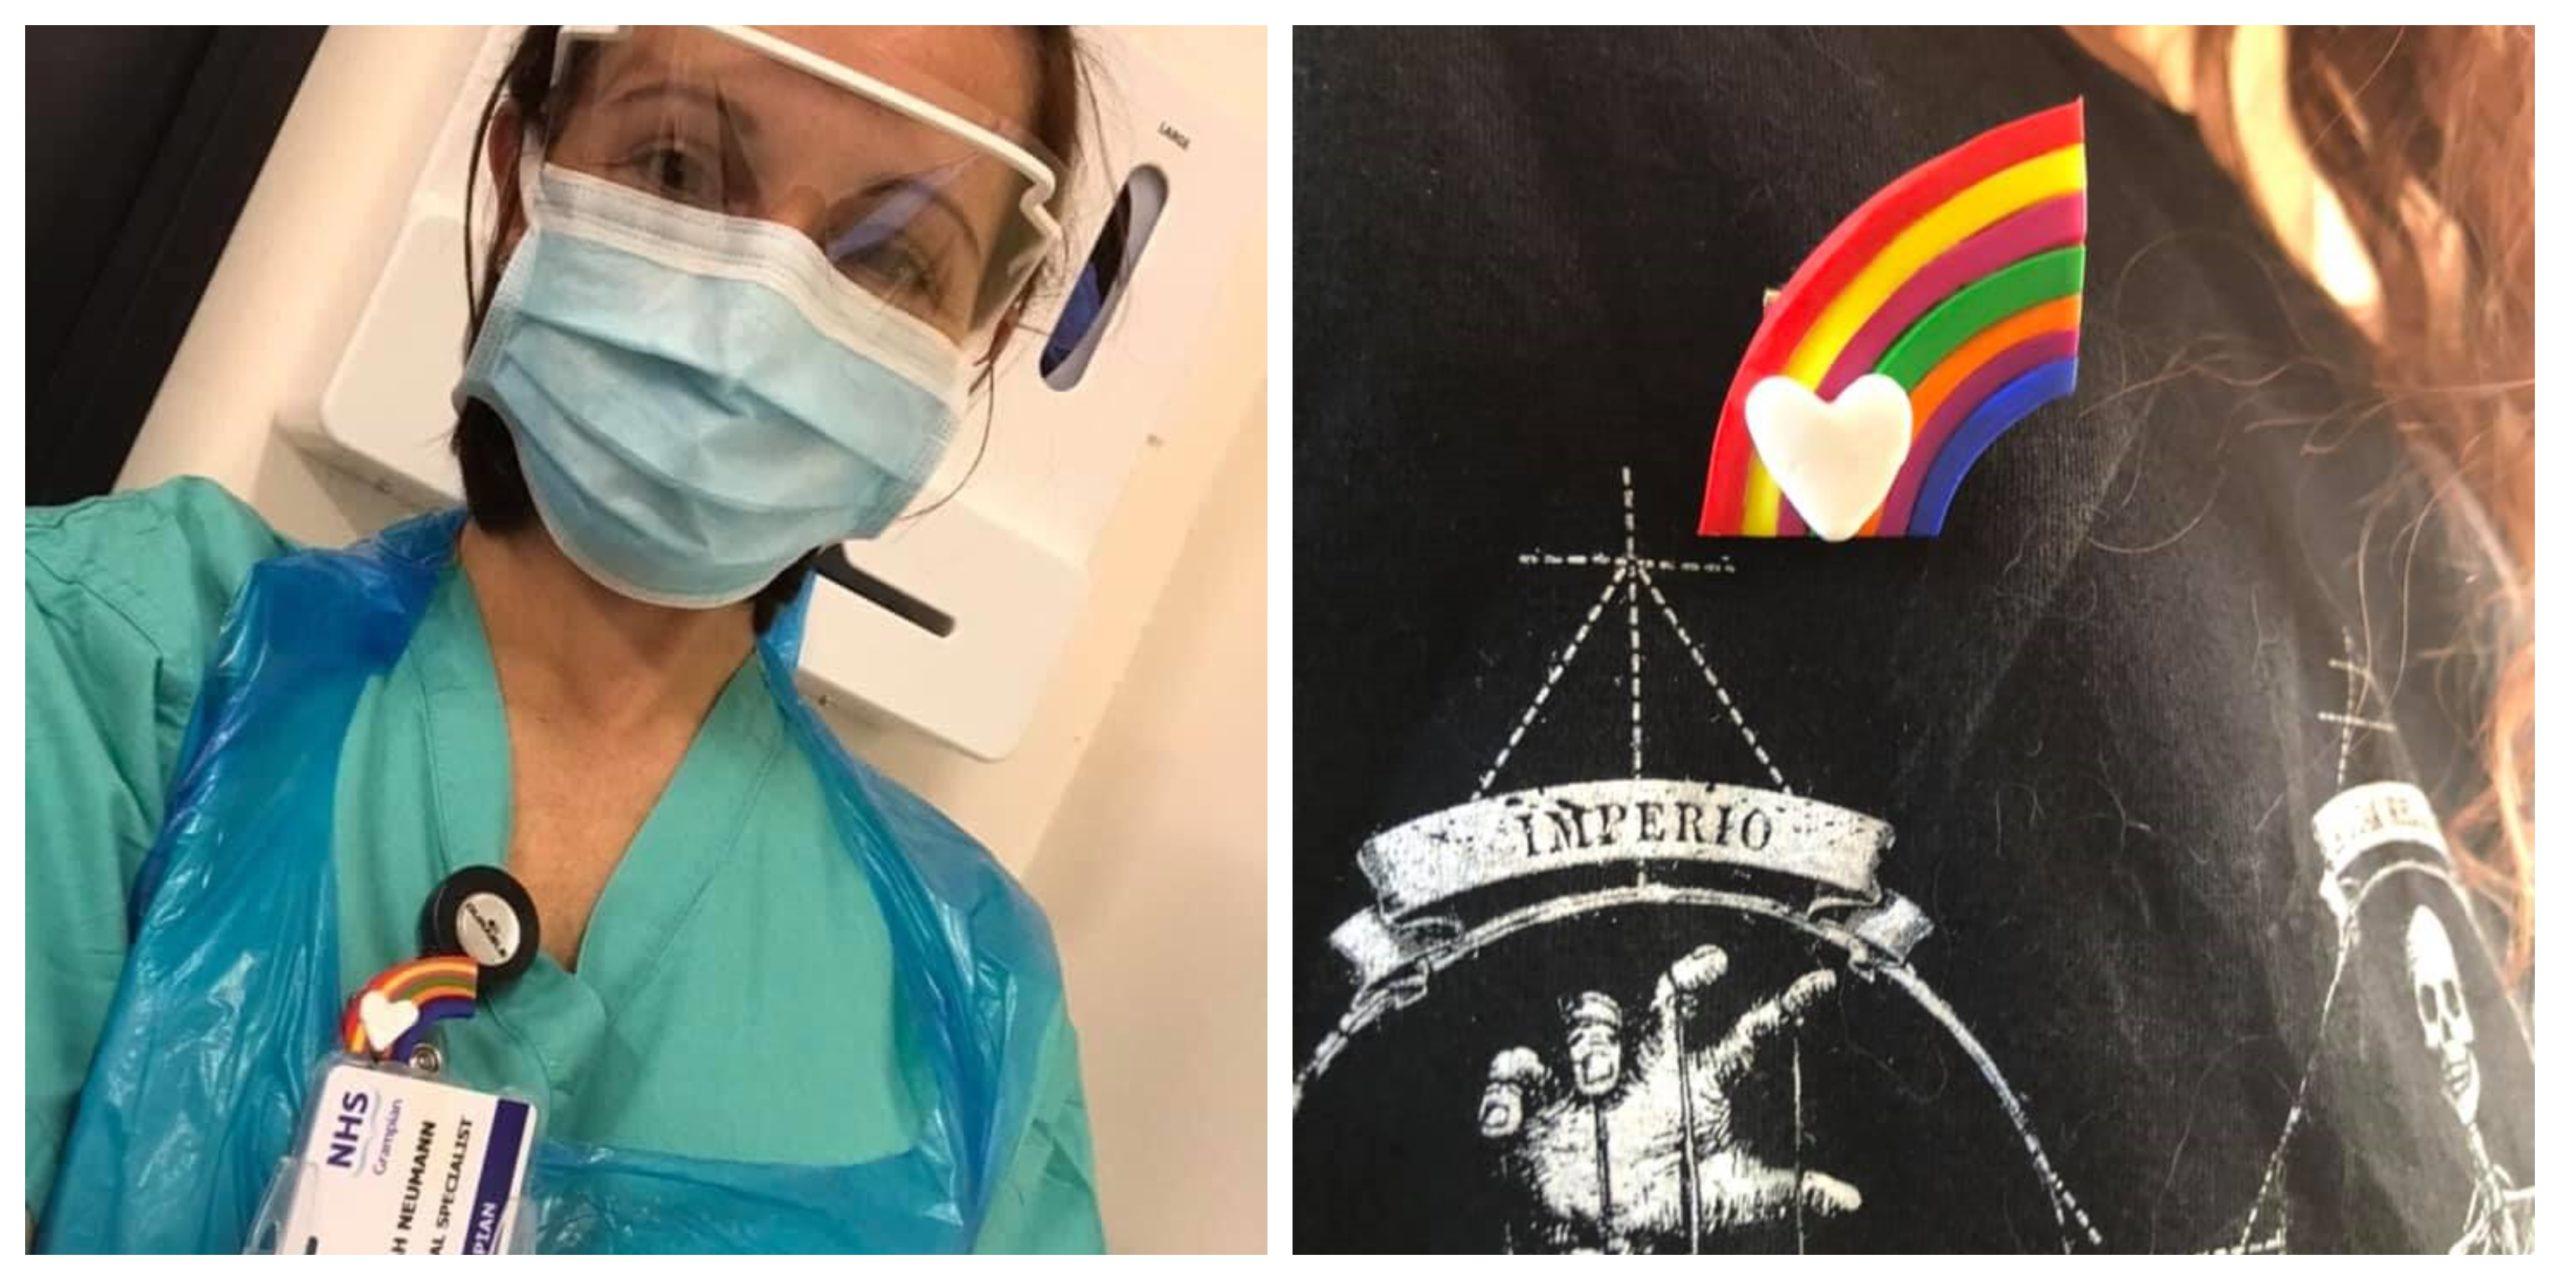 An ARI nurse sports one of the rainbow badges.